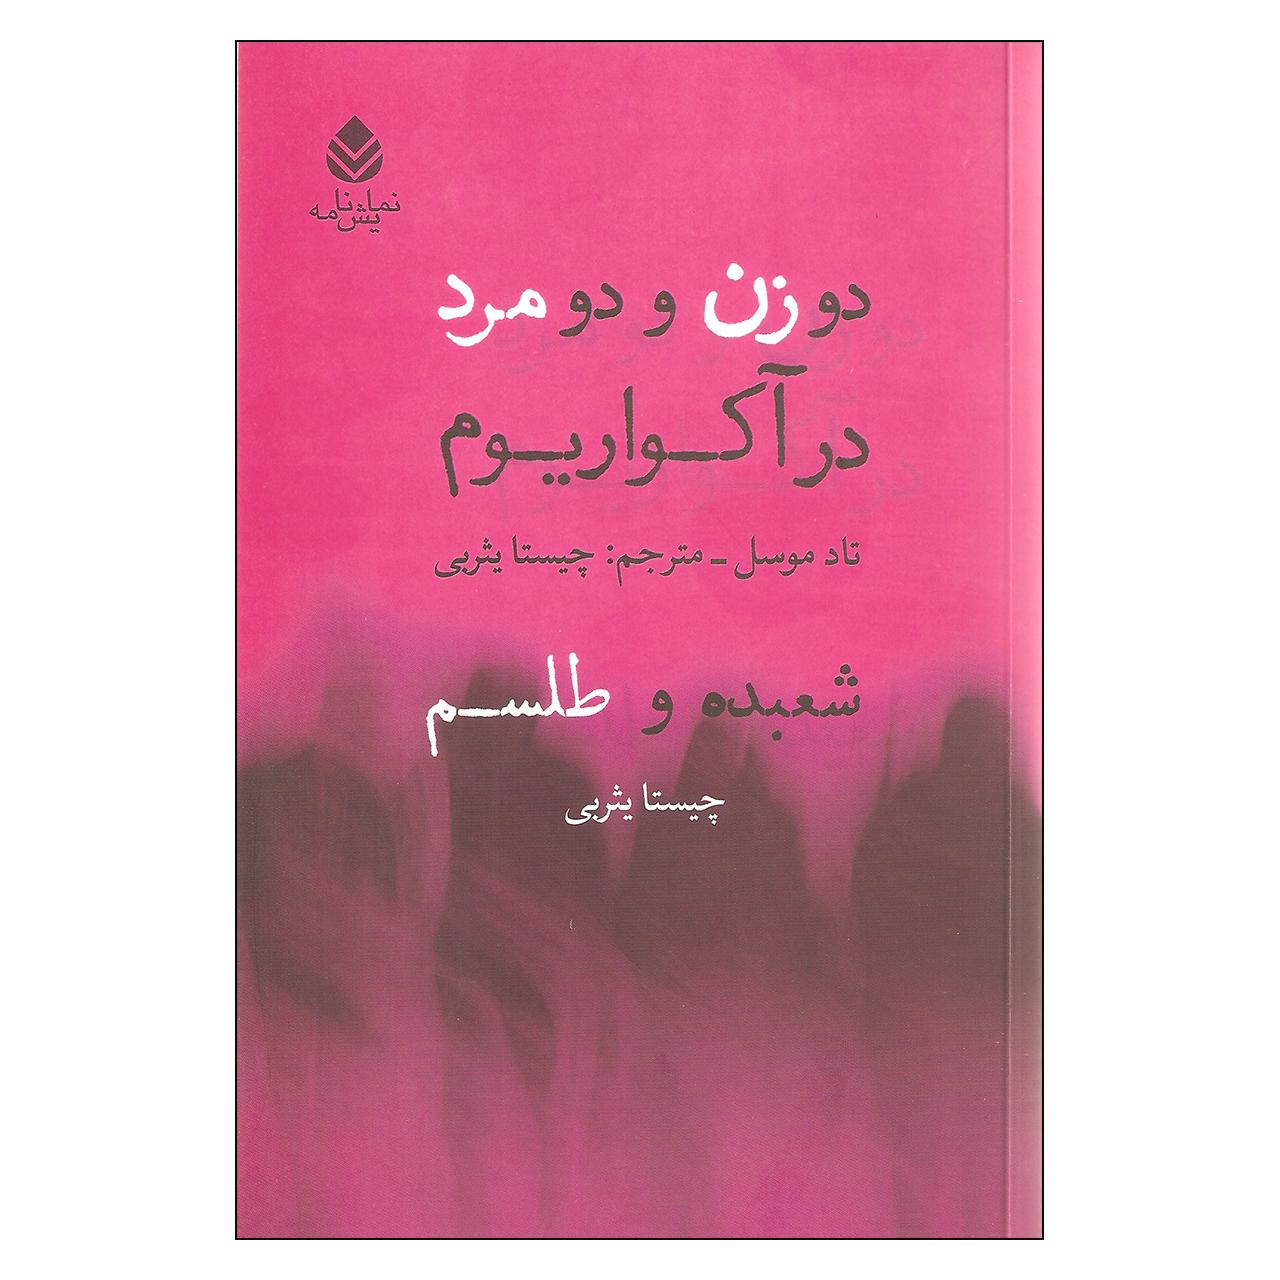 کتاب دو زن و دو مرد در آکواریوم و شعبده و طلسم اثر تاد موسل و چیستا یثربی نشر قطره